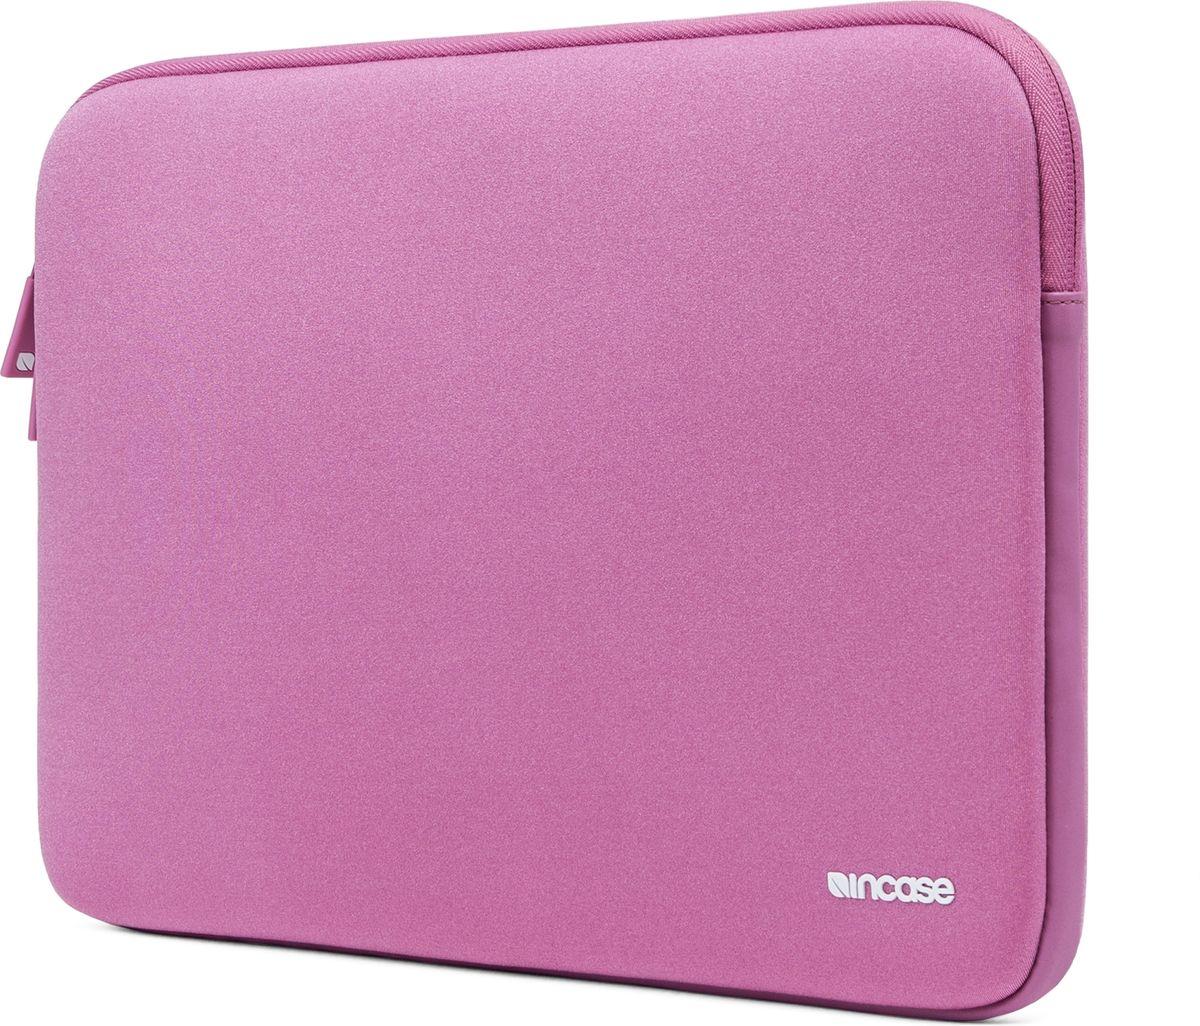 Incase Neoprene Classic Sleeve чехол для Apple MacBook 15, OrchidCL90044Тонкий чехол Incase Neoprene Classic Sleeve для Apple MacBook 15 выполнен из неопрена в элегантном строгом дизайне. Чехол надежно защищает устройство от царапин, не пропускает влагу и оснащен мягкой подкладкой, а также удобной застежкой-молнией.